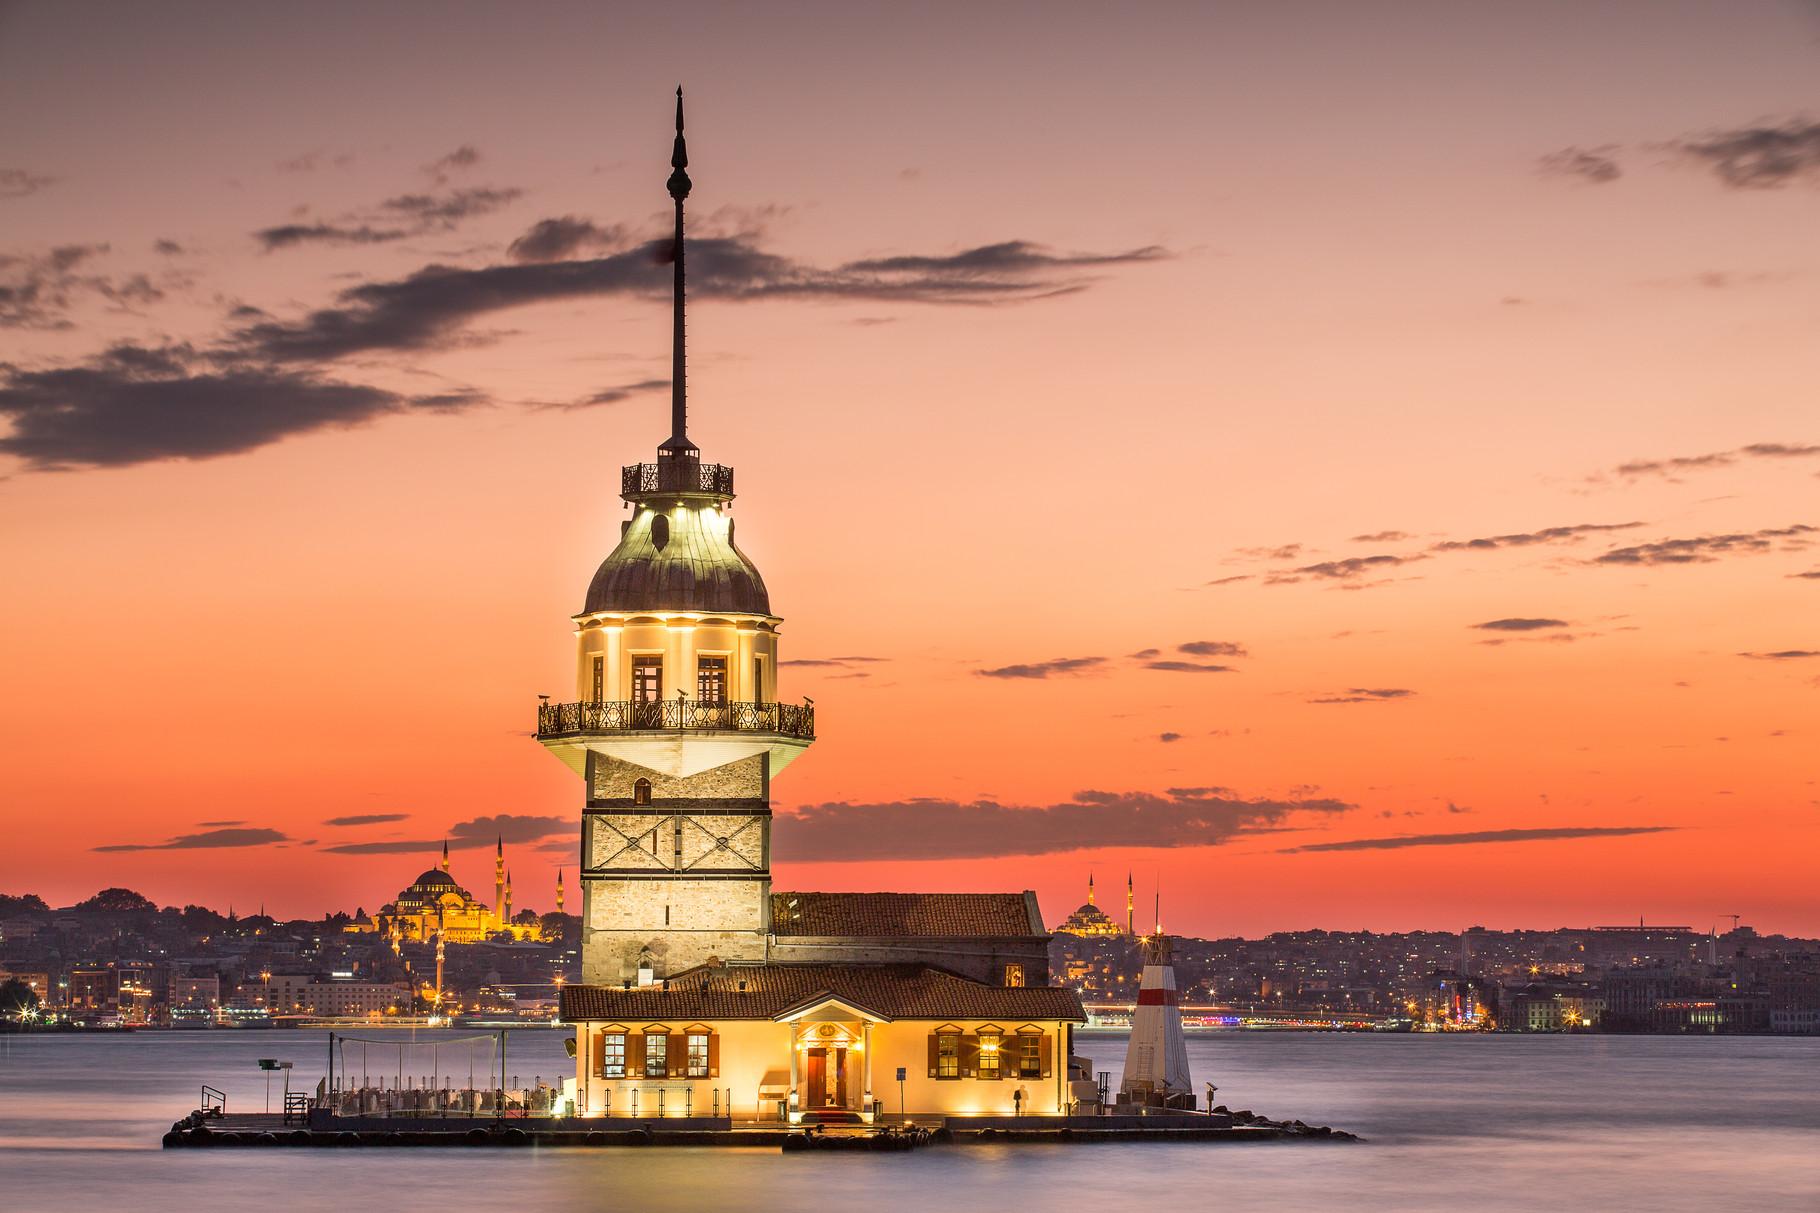 Топ-12 красивых маяков Европы: уникальные здания с историей